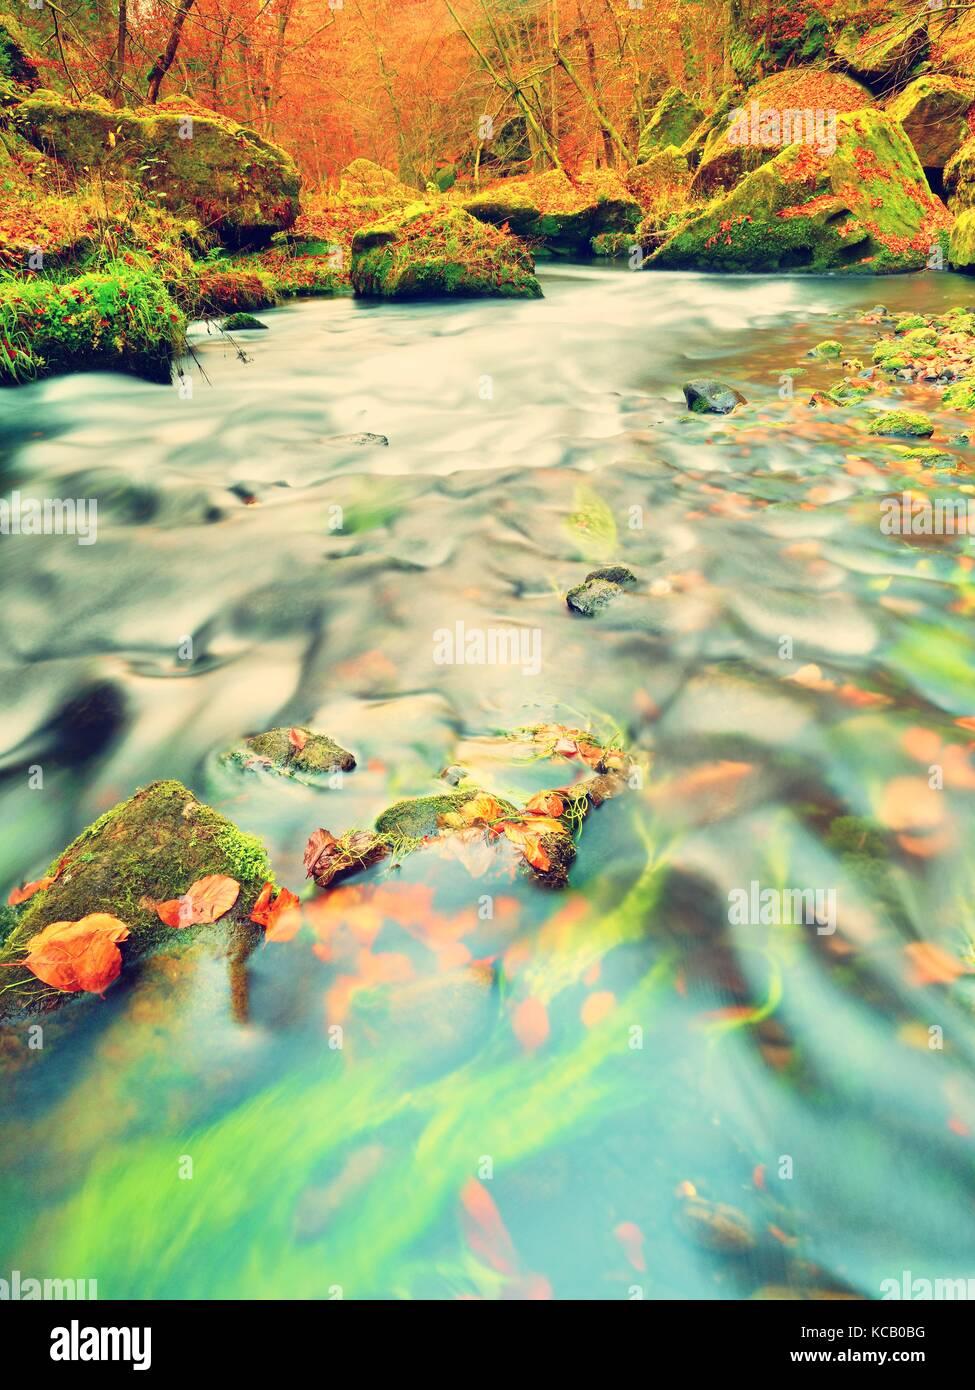 Rientrano in natura. colori dell autunno del fiume di montagna. ghiaia colorata con foglie, foglie alberi piegati Immagini Stock